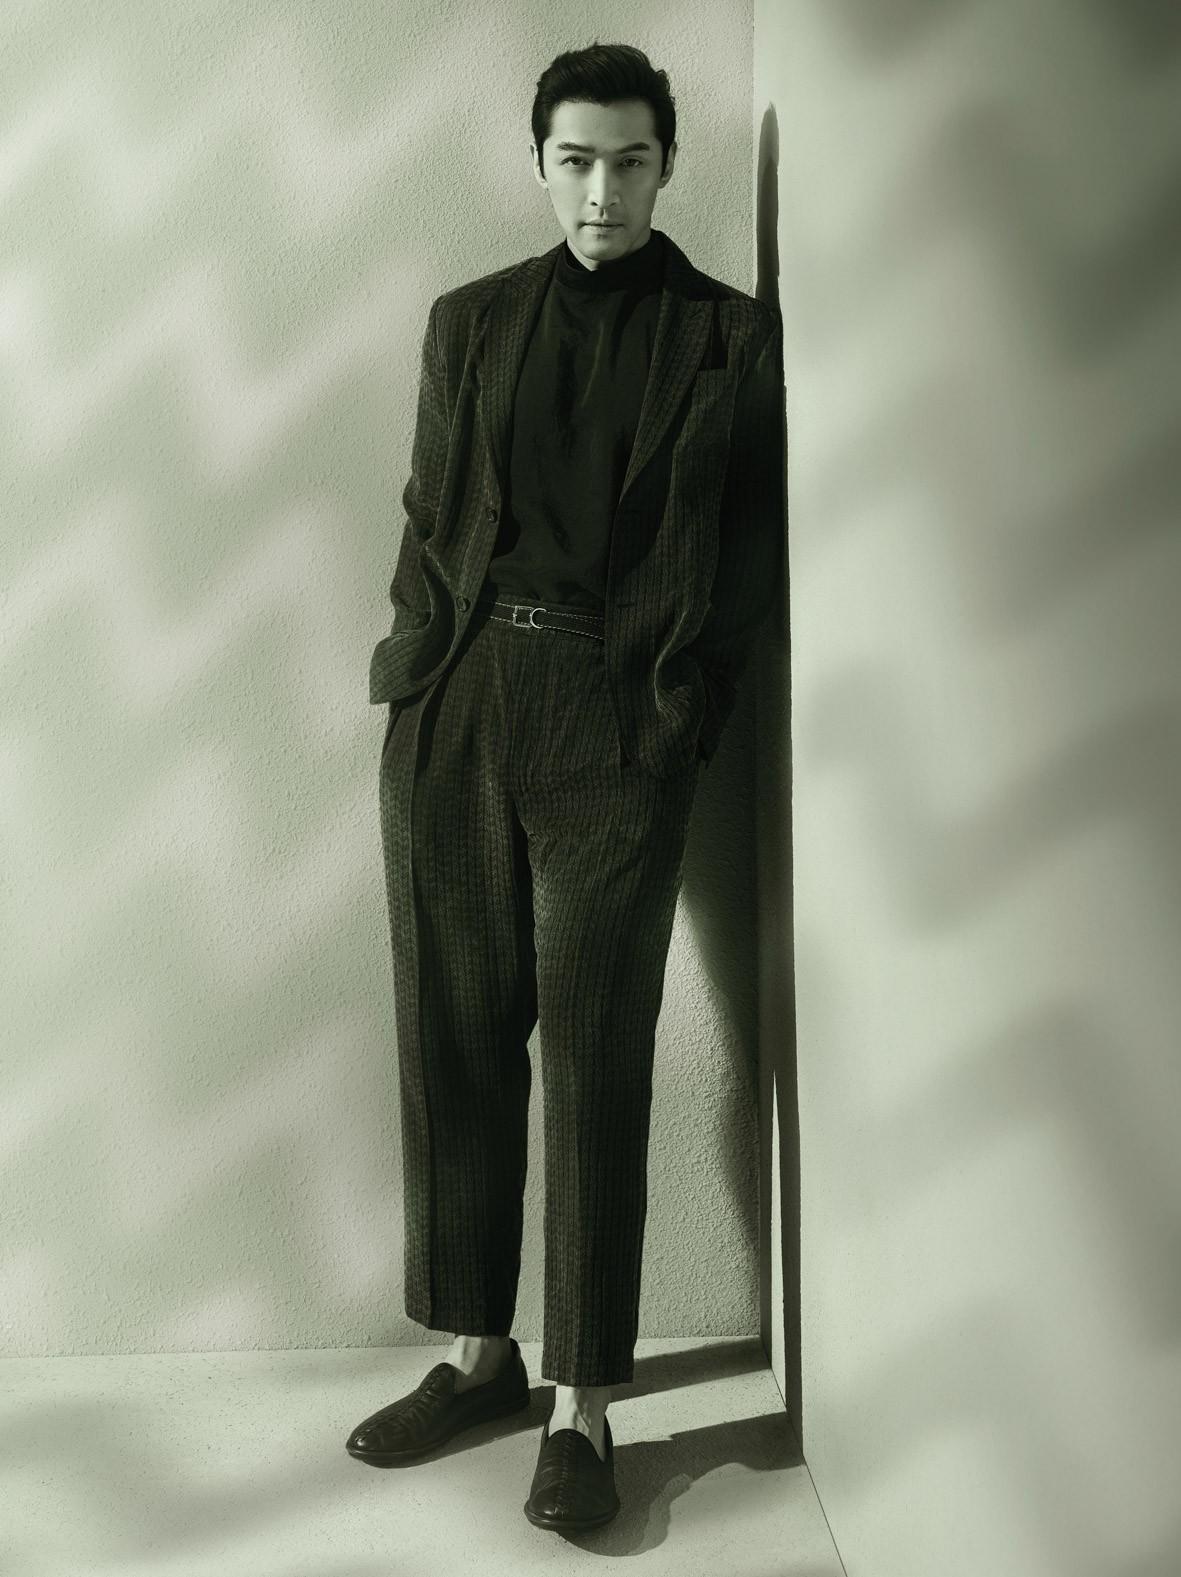 Giorgio Armani发布由全球代言人胡歌演绎的2021春夏系列广告大片